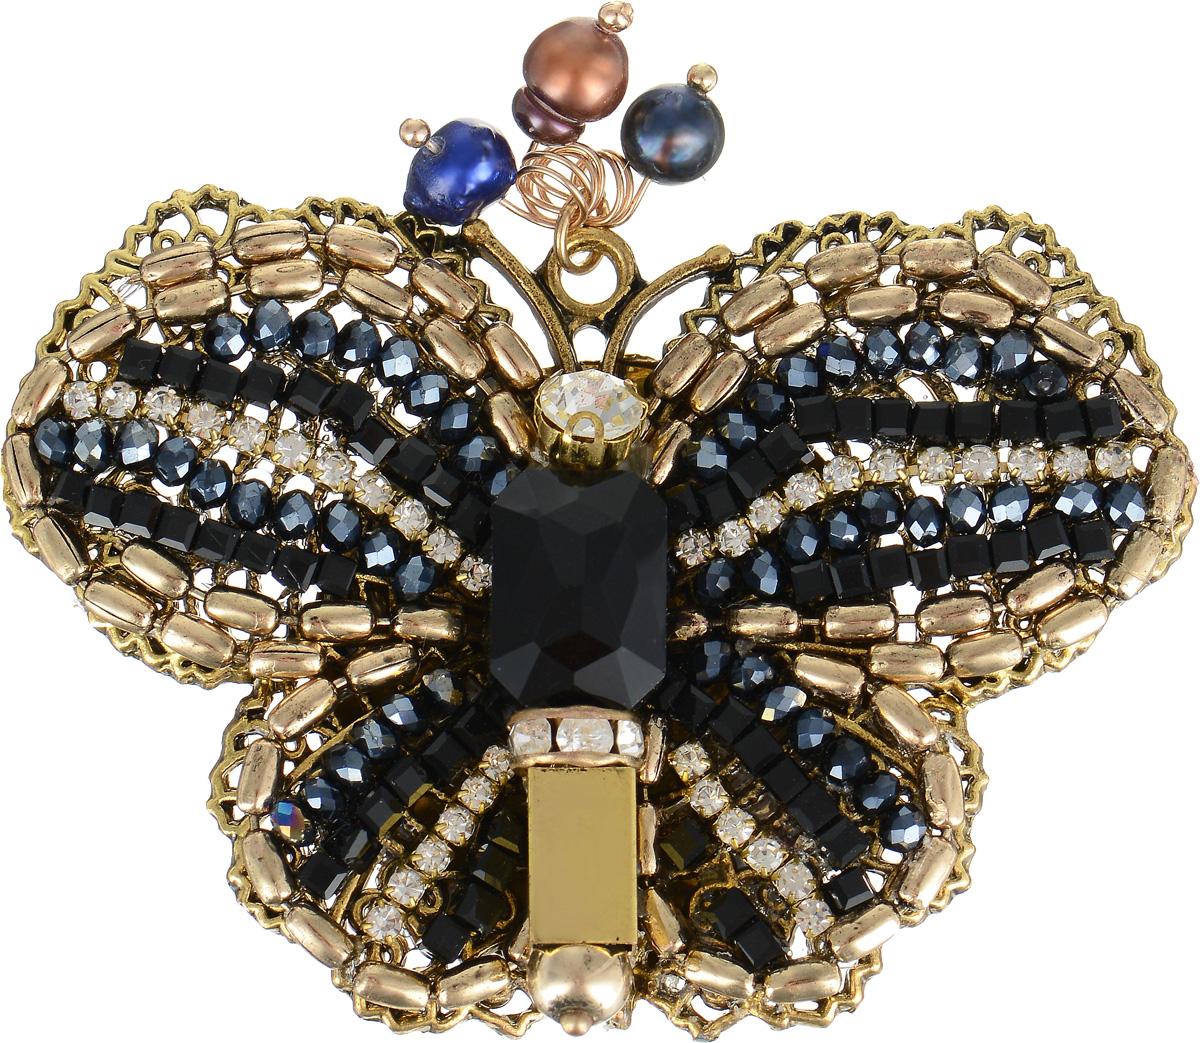 Брошь Selena Borgia, цвет: золотистый, синий. 3002720030027200Брошь Selena Borgia изготовлена из латуни с гальваническим покрытием золотом с эффектом состаривания. Изделие выполнено в виде роскошной бабочки, инкрустировано кристаллами Preciosa и искусственным жемчугом. В коллекции Borgia испанские дизайнеры воплотили истинный дух Испании. Коллекция выполнена в стиле fashion, но особенность ее в том, что она сочетает в себе модные тенденции подиумов и состаренный стиль - благодаря покрытию цепочек и деталей украшений гальваникой методом антик. Украшения можно носить в любое время года, они уместны на празднике, на прогулке и на работе.